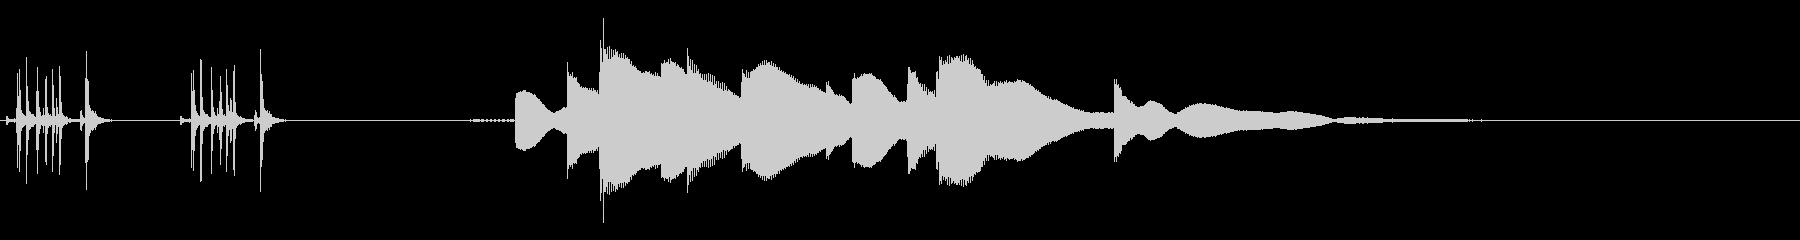 ジングル用オルゴール楽曲11-1の未再生の波形